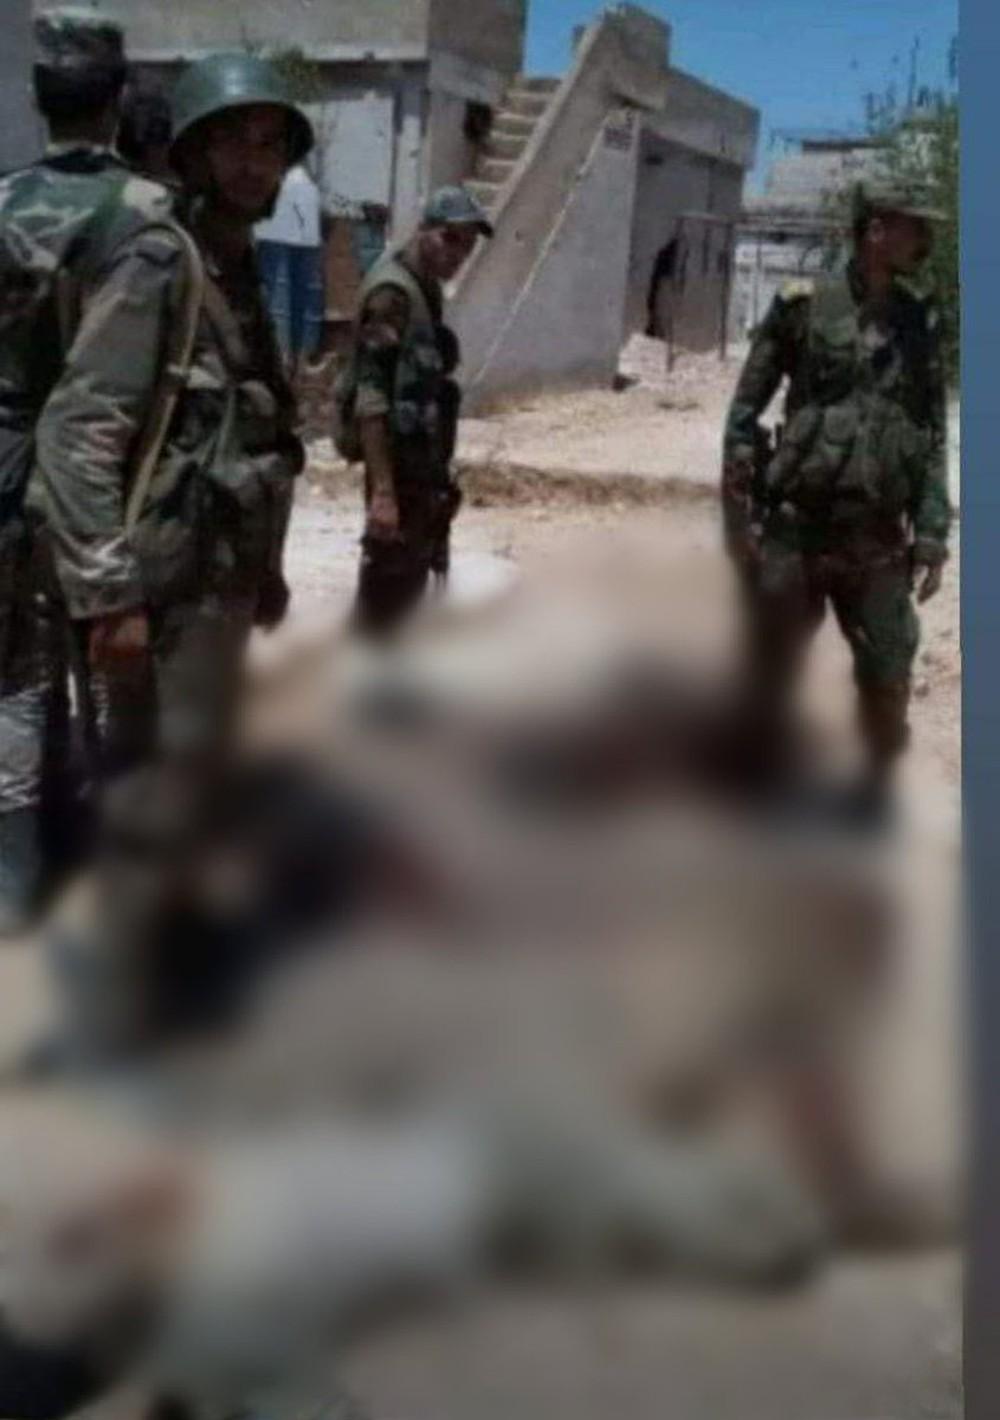 Nga không kích, khủng bố tấn công trả đũa, nhiều sĩ quan thiệt mạng - Ảnh 1.